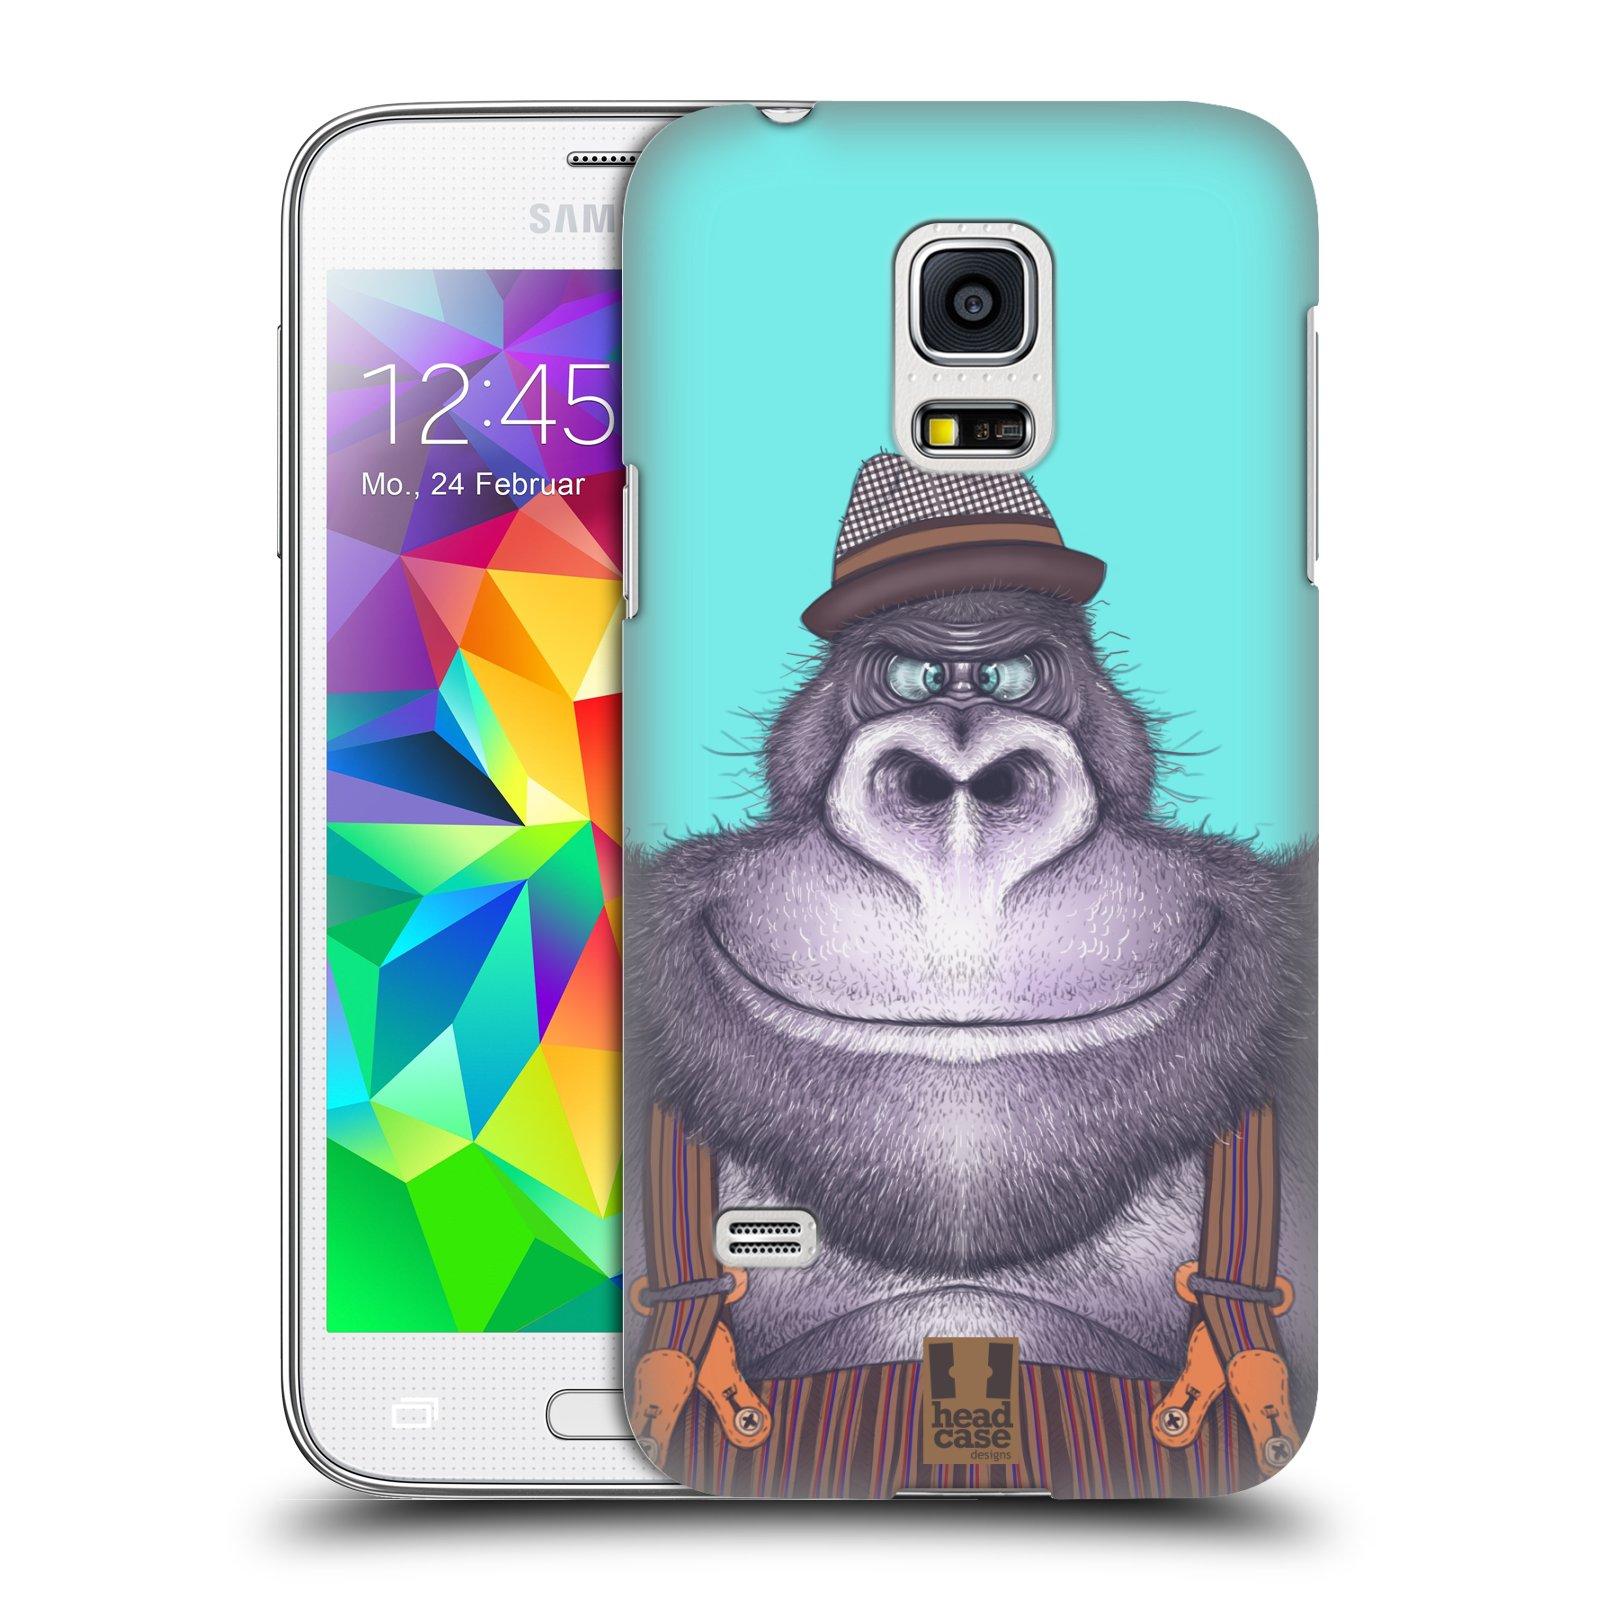 HEAD CASE plastový obal na mobil SAMSUNG Galaxy S5 MINI / S5 MINI DUOS vzor Kreslená zvířátka gorila